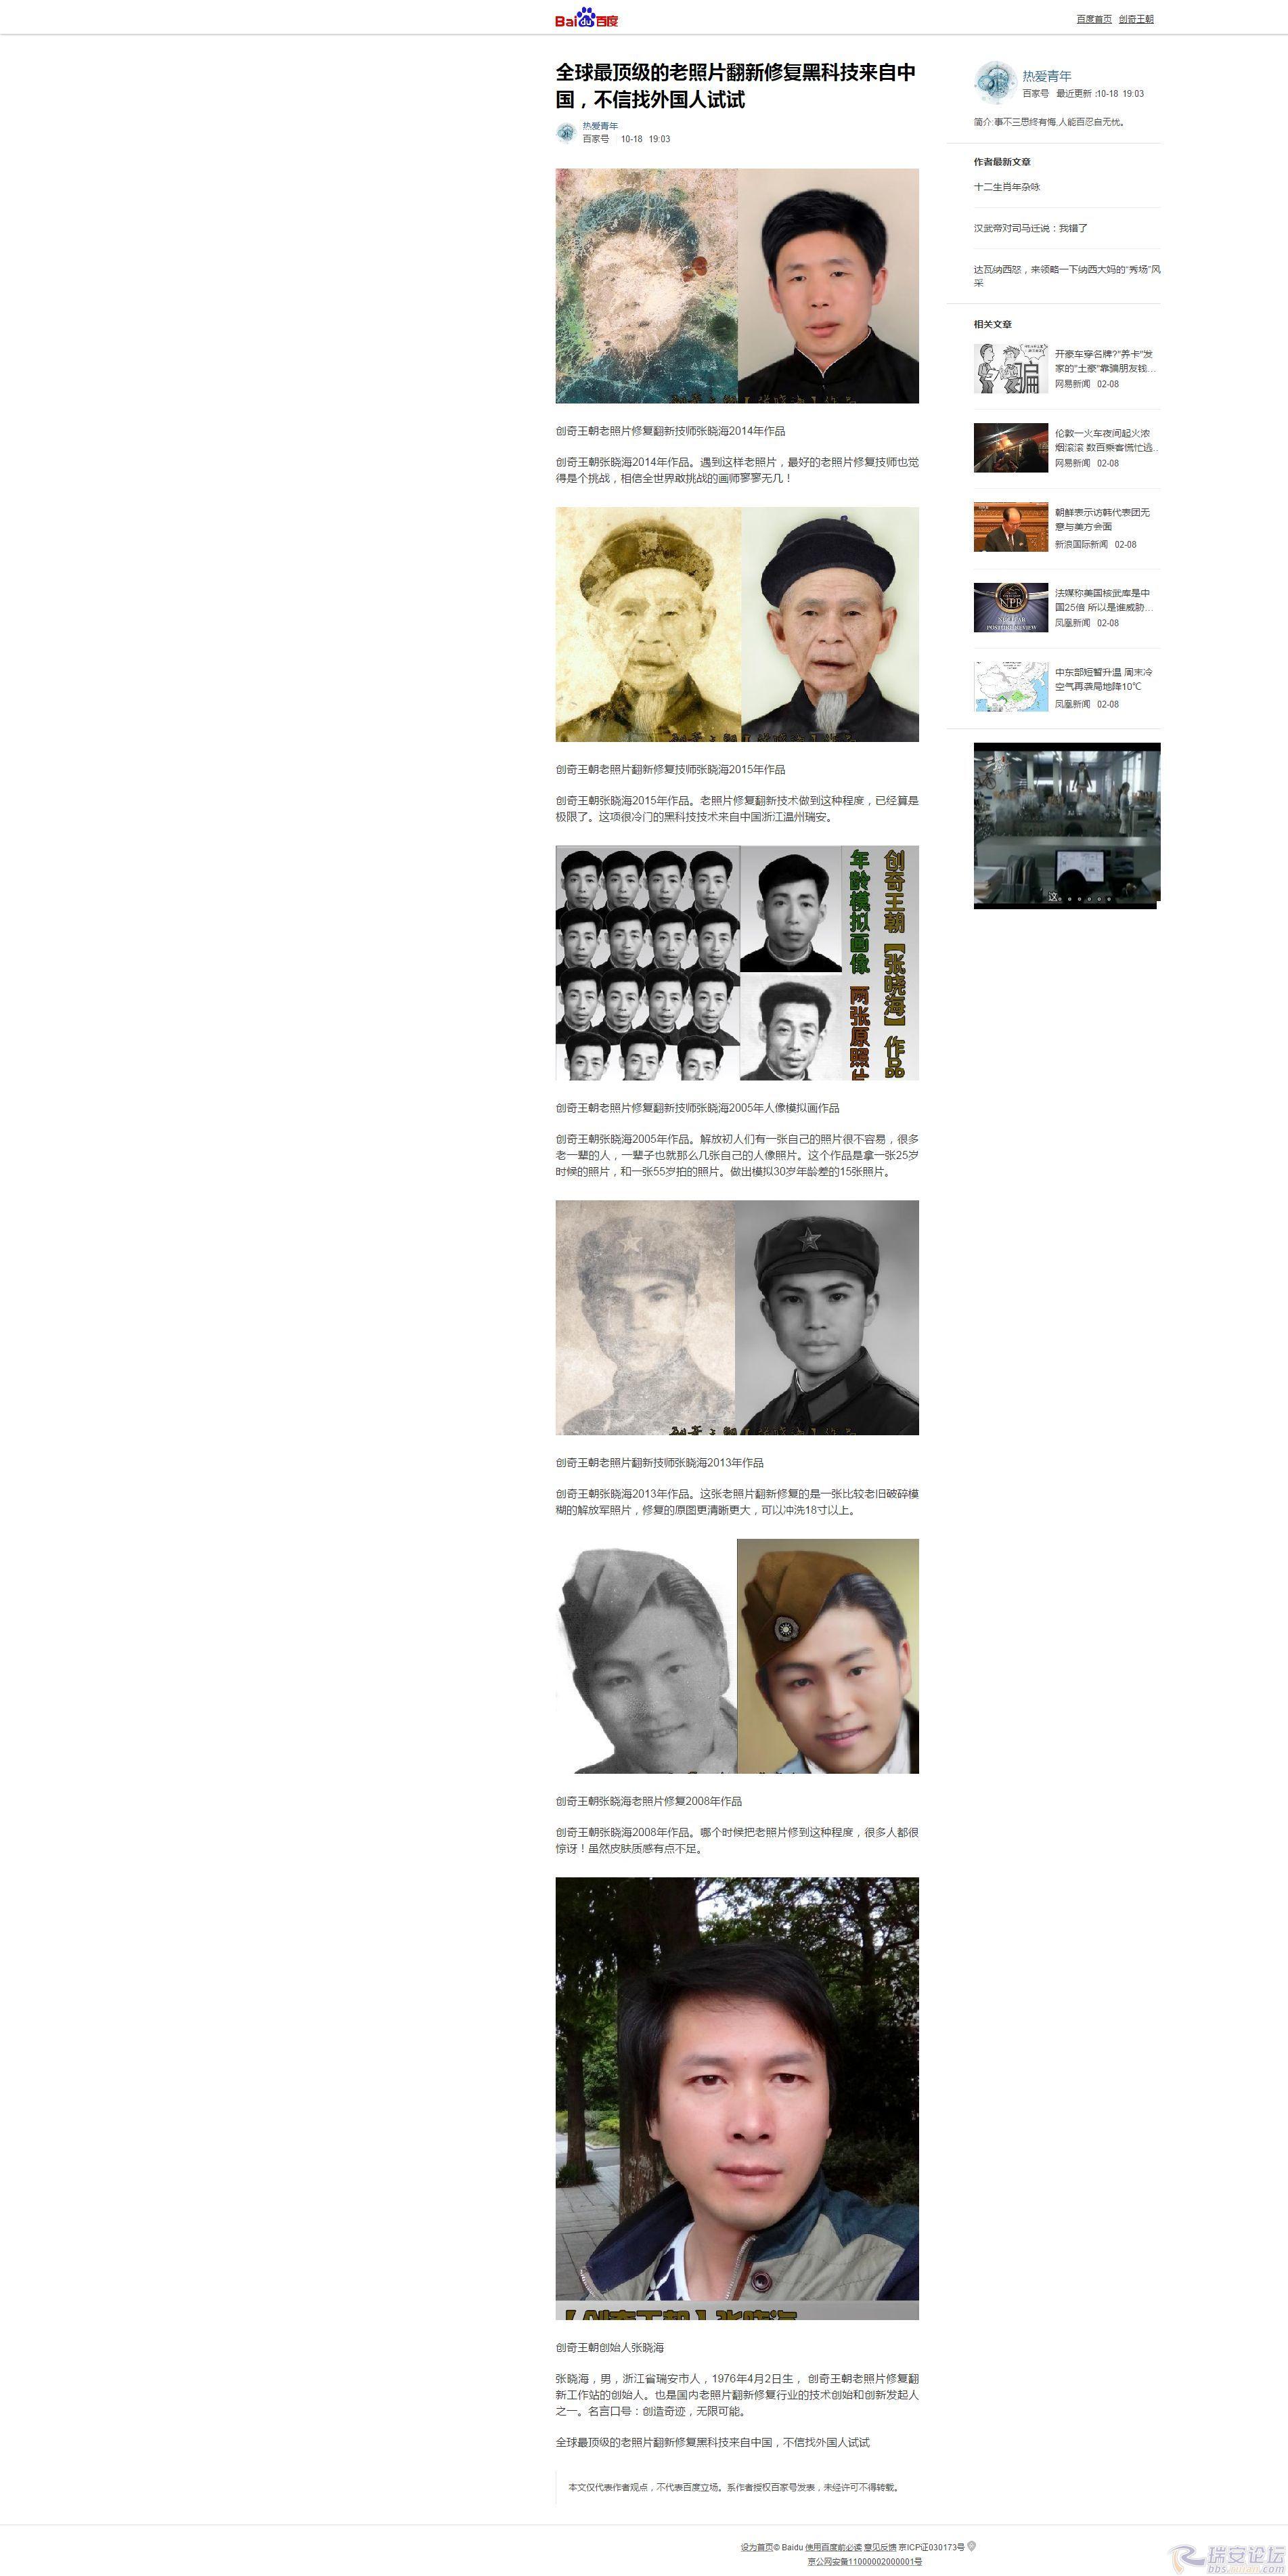 全球最顶级的老照片翻新修复黑科技来自中国,不信找外国人试试.jpeg